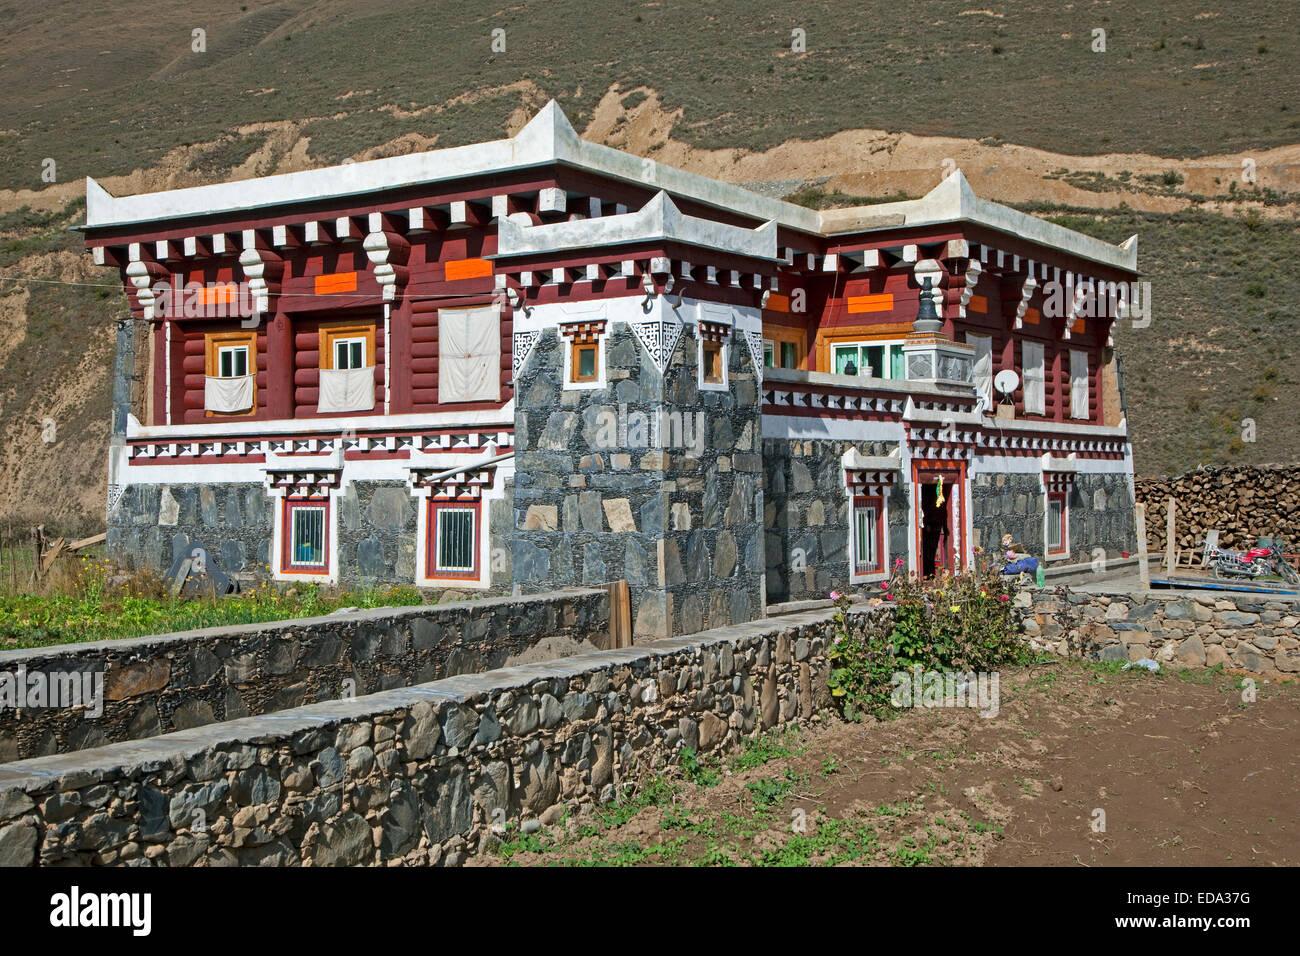 Architettura tibetana sulla campagna mostra moderna casa di granito con tipico tetto piatto e un po' di torre Immagini Stock